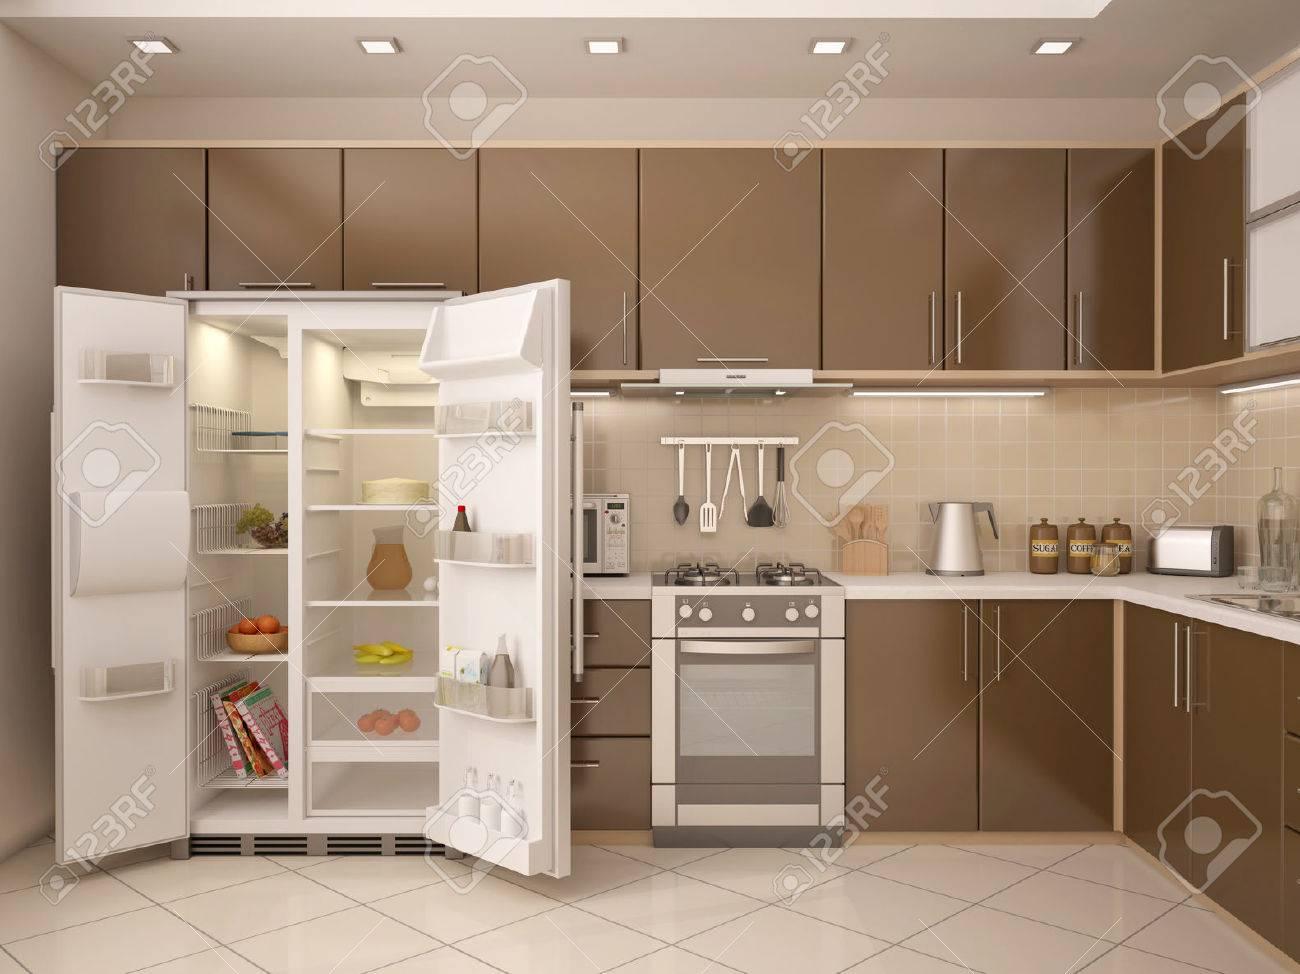 3d Darstellung Der Kuche Interieur Mit Einem Offenen Kuhlschrank